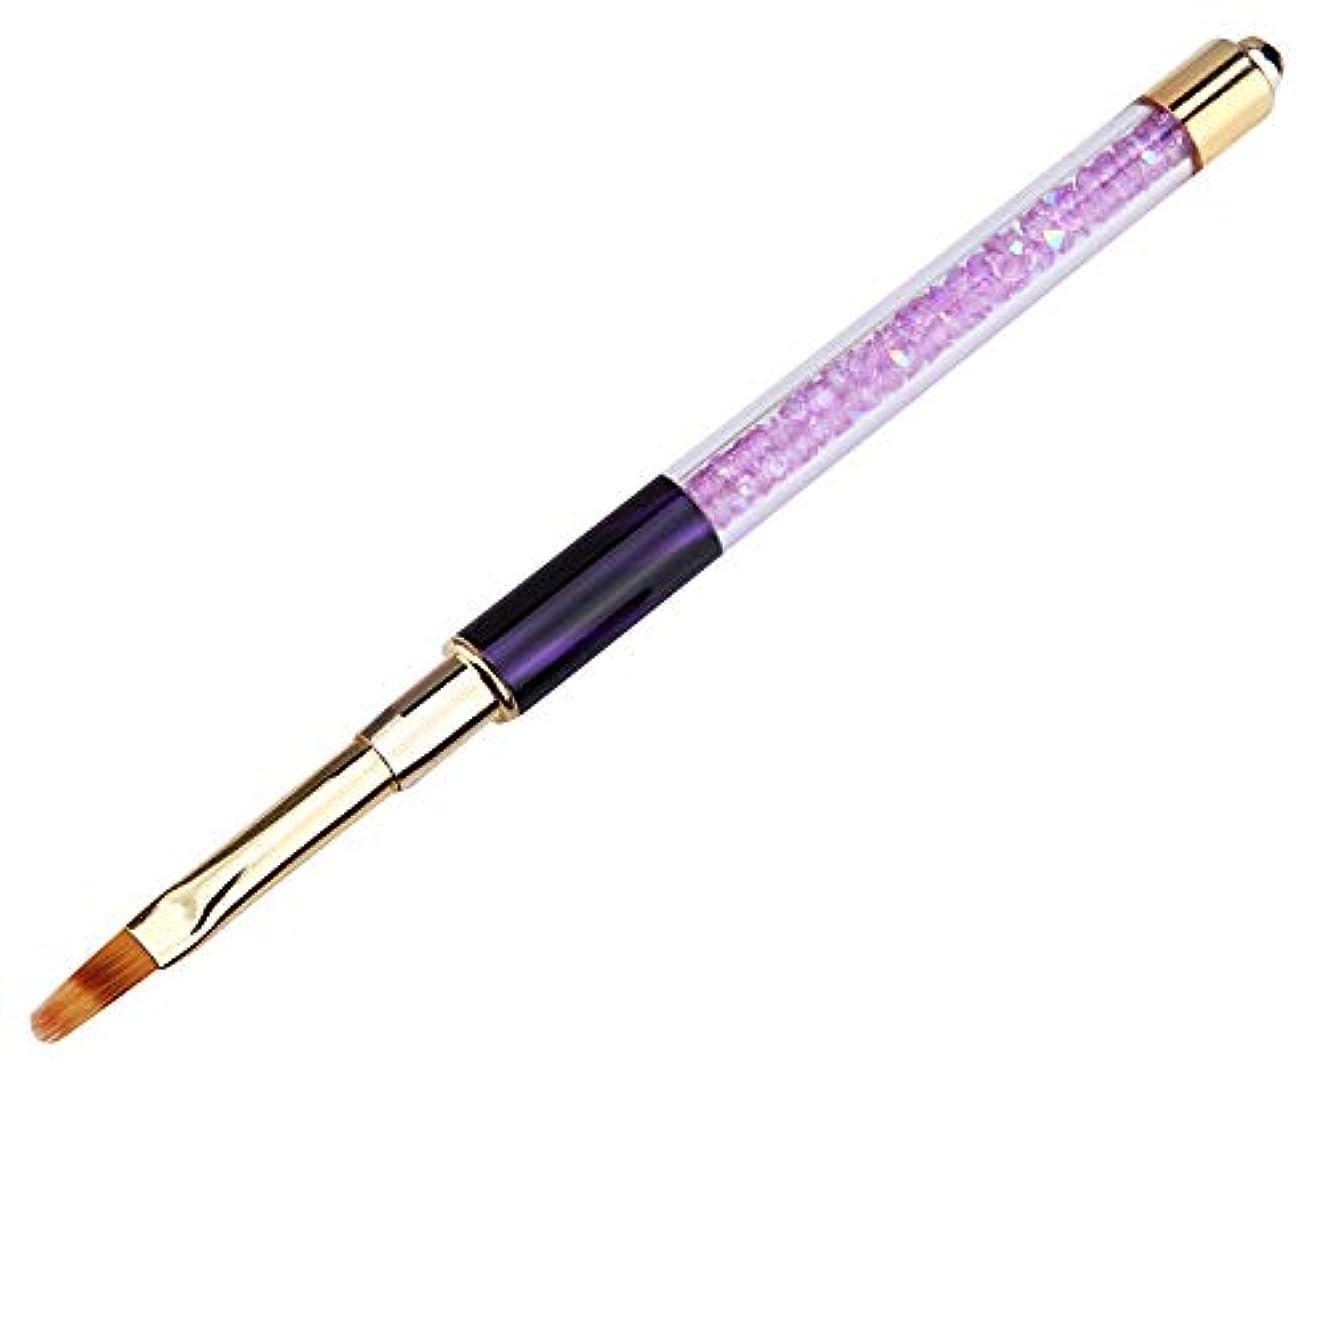 真っ逆さまシマウマ五十TOOGOO ネイルアートブラシのペン、ラインストーン、キャット?アイ、アクリルのハンドル、彫刻と絵画用、ジェル、ネイルの延長、マニキュア、ライナーのペン、02